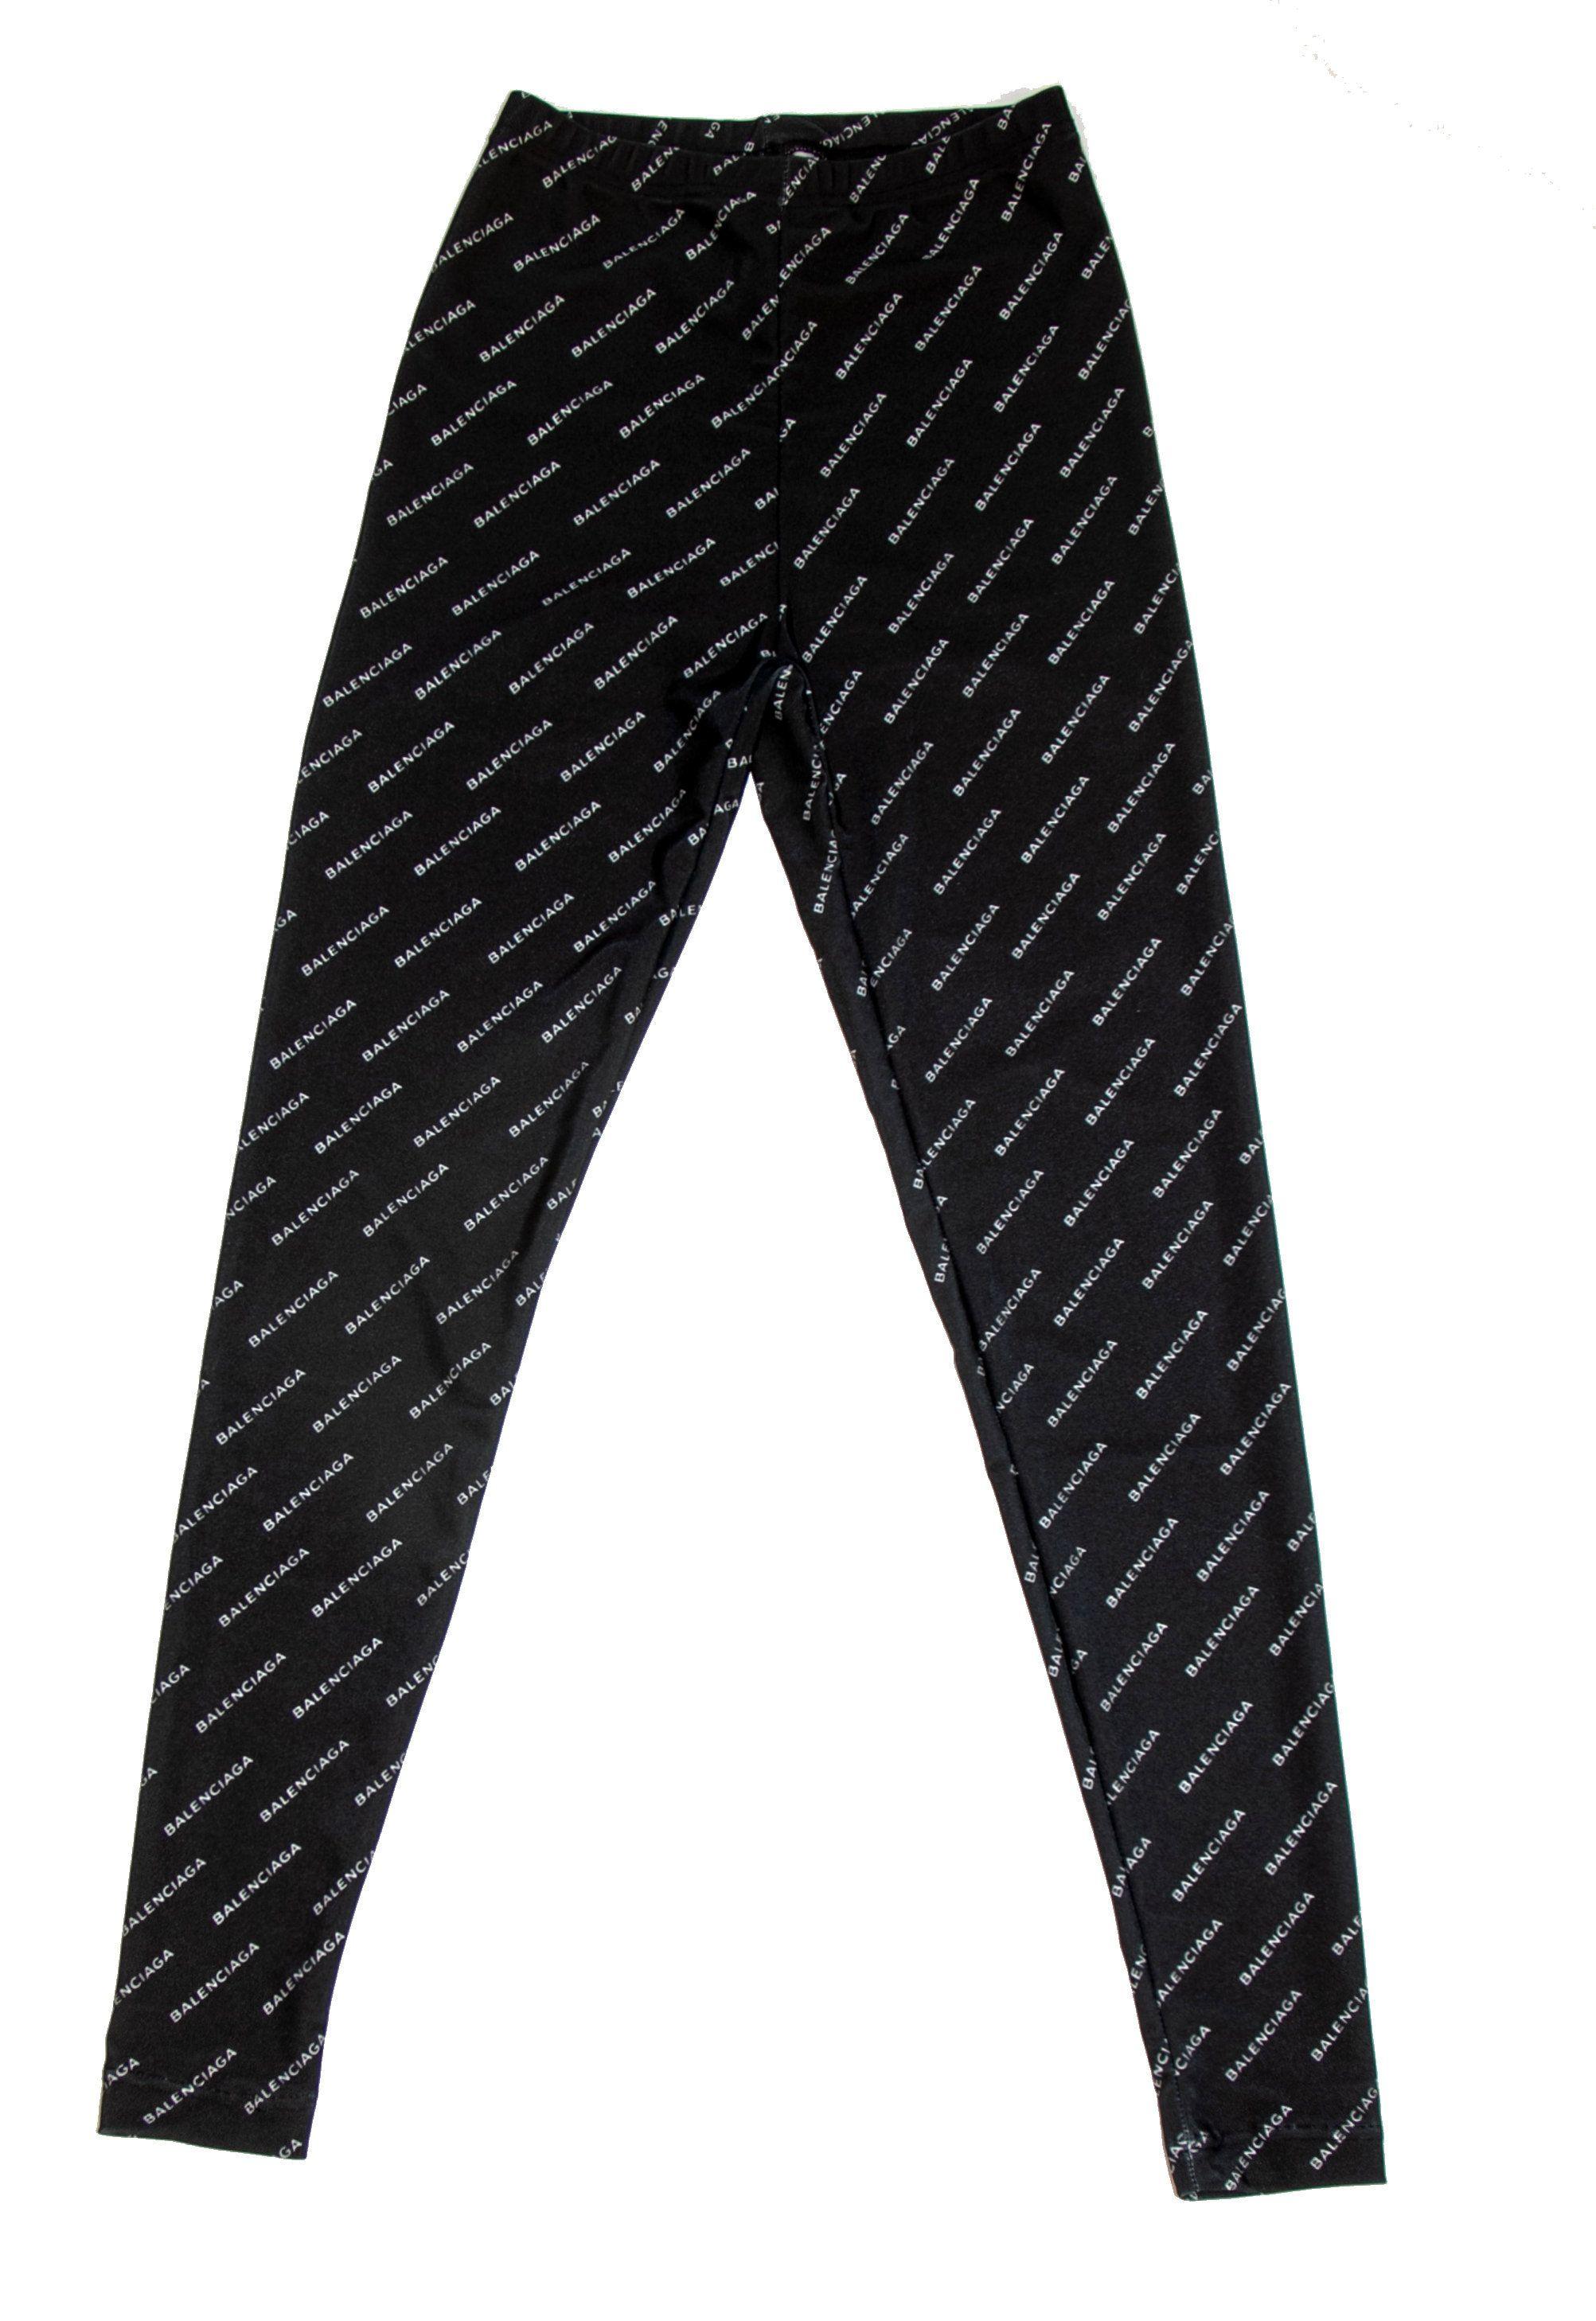 57e1dae34 Designer Logo Mania Repeat Print Footless Spandex Nylon Leggings For Women  Made In The USA White On Black